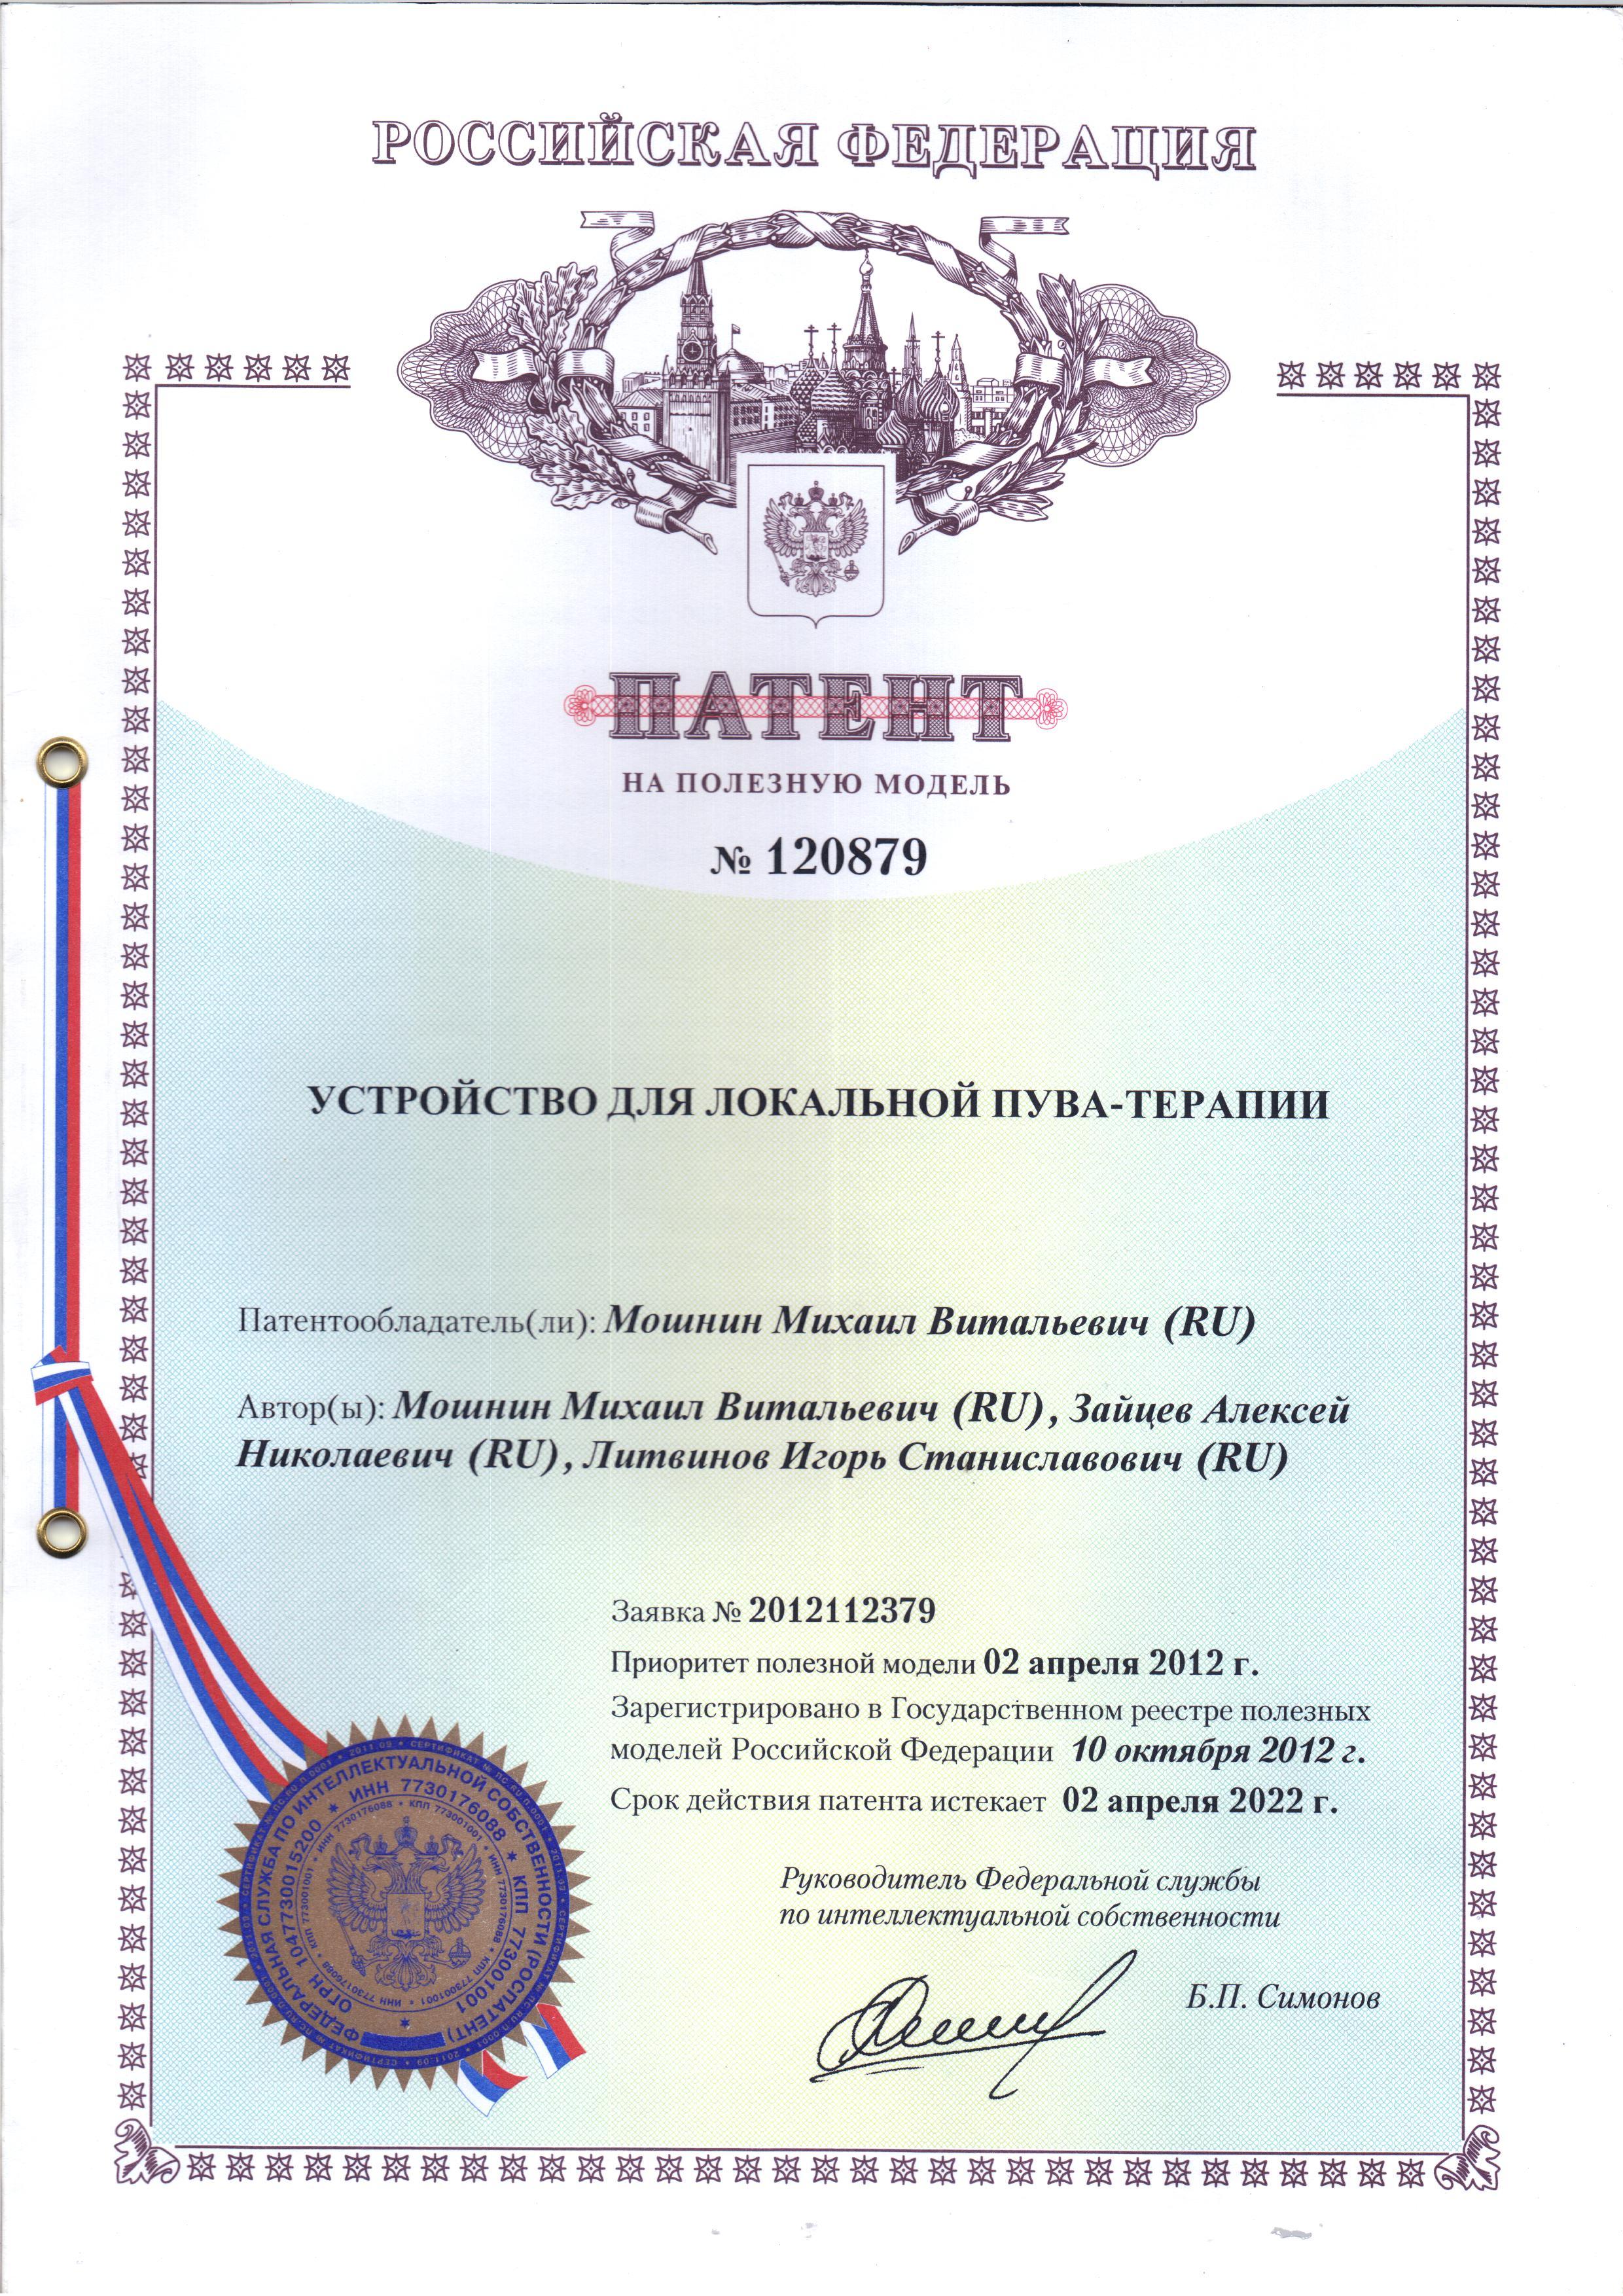 Лечение псориаза в Санкт-Петербурге - цены и адреса клиник